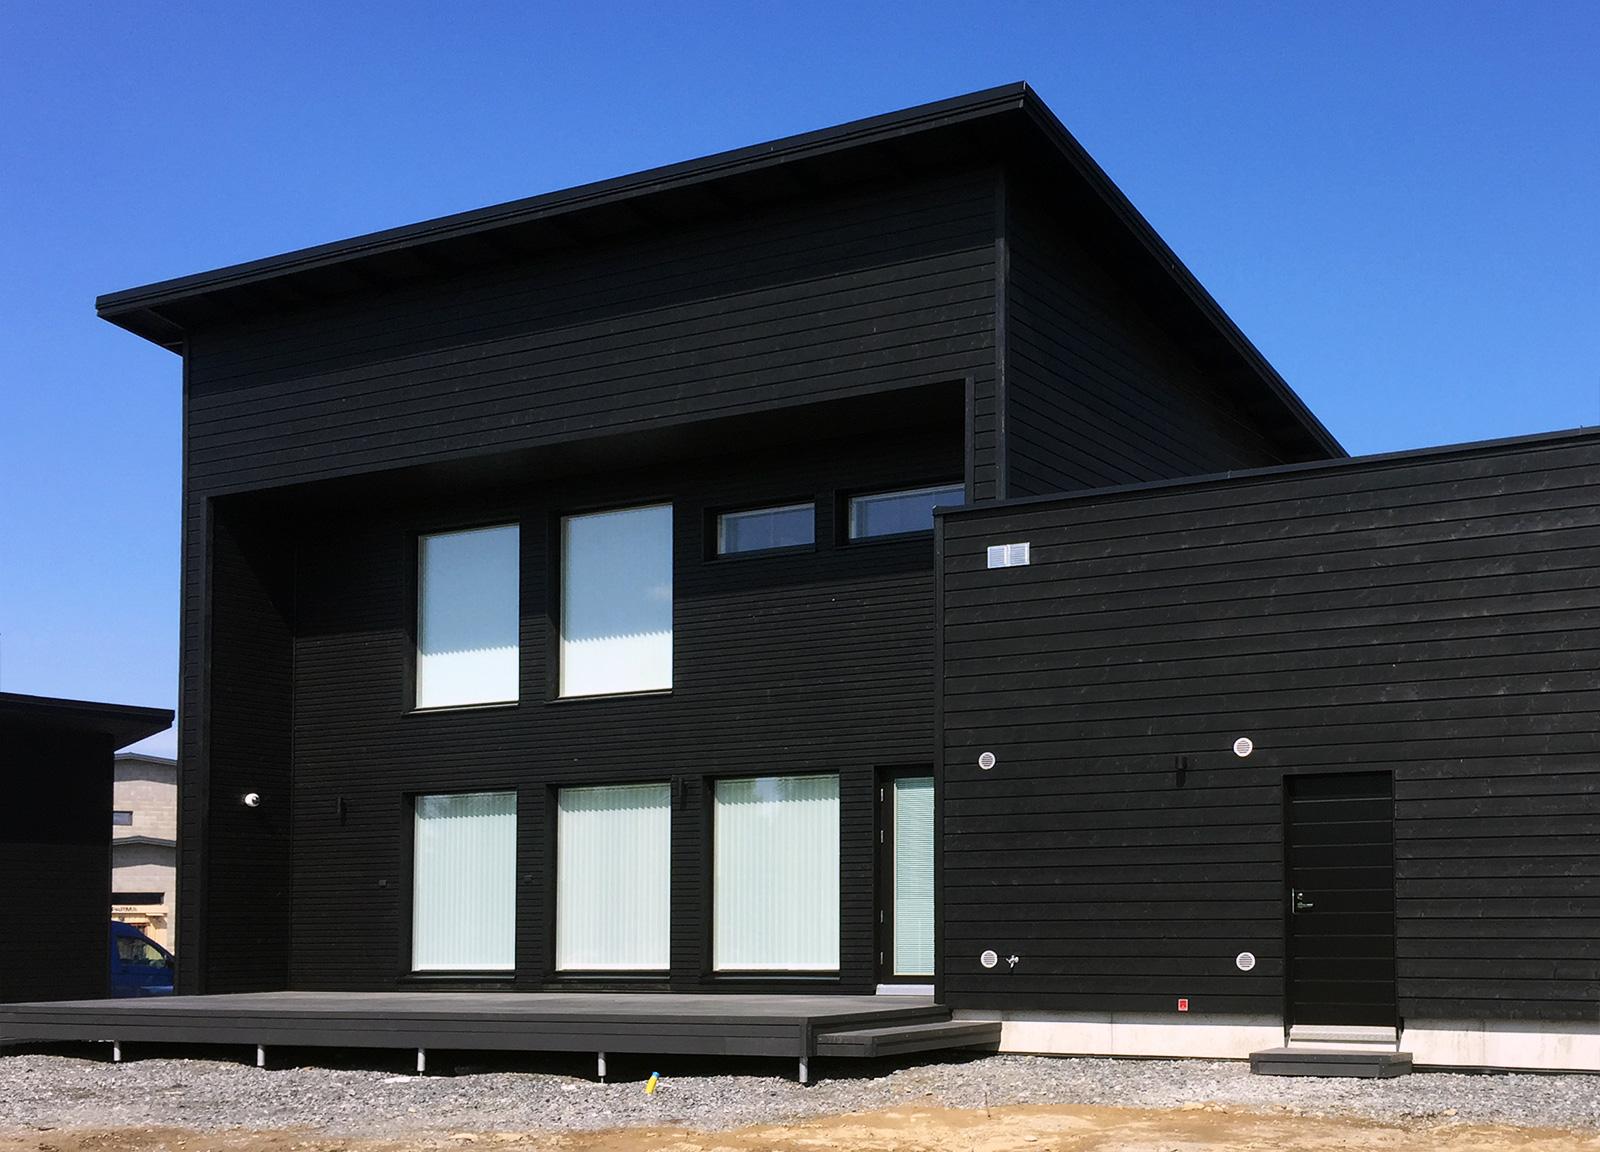 Musta talo - uuden talon maalaus - takapiha - Teknos Visa Peittosuoja T7063